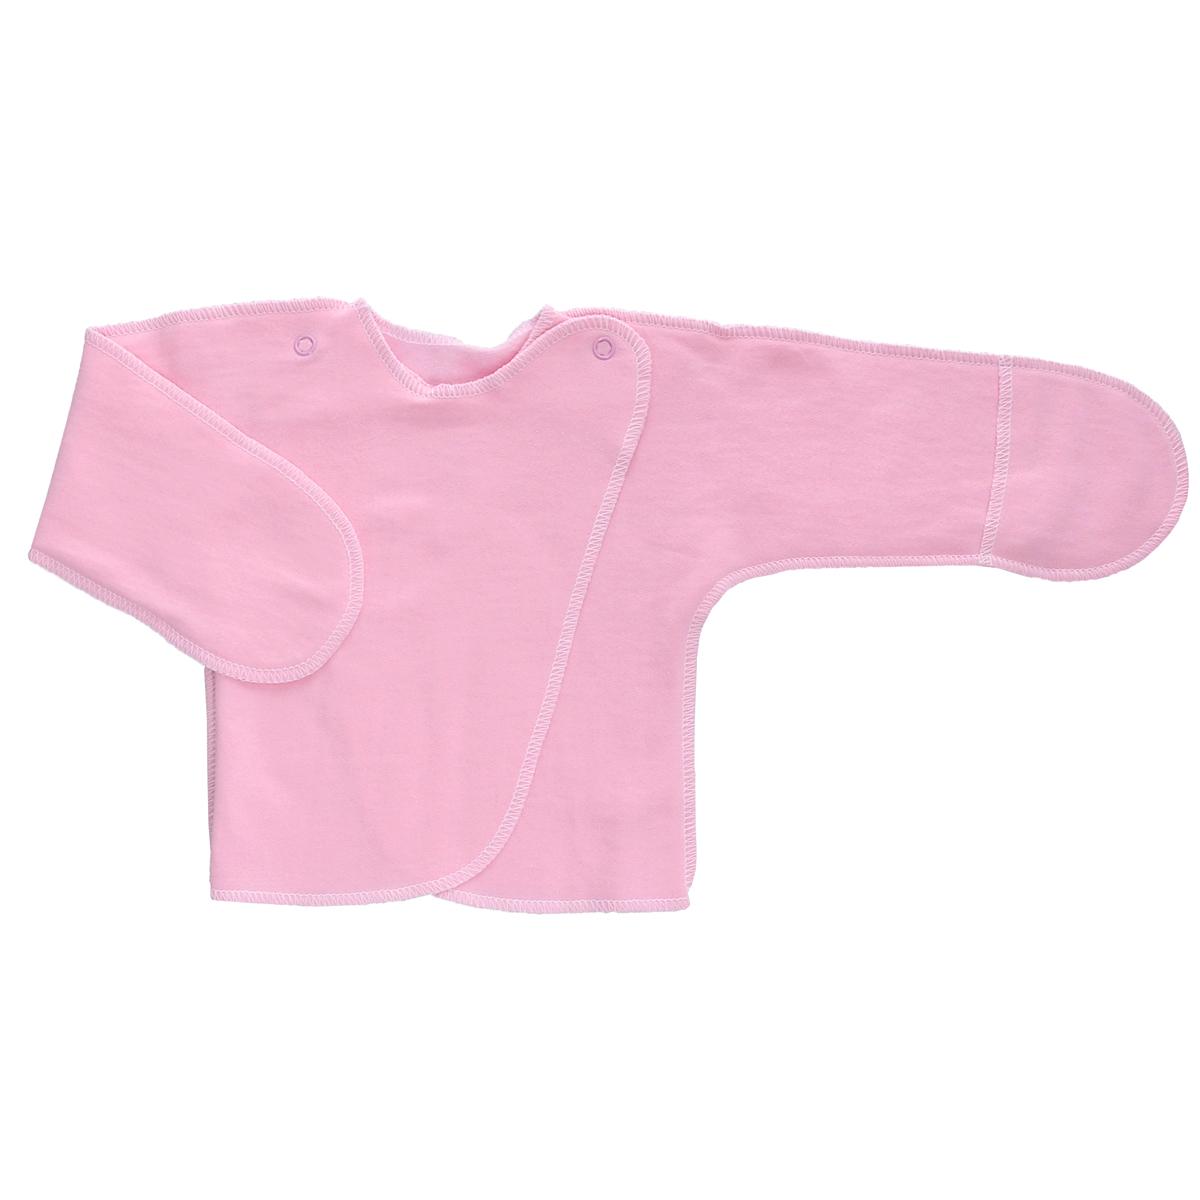 Распашонка Трон-Плюс, цвет: розовый. 5023. Размер 62, 3 месяца5023Распашонка с закрытыми ручками Трон-плюс послужит идеальным дополнением к гардеробу младенца. Распашонка, выполненная швами наружу, изготовлена из футера - натурального плотного хлопка, благодаря чему она необычайно мягкая, легкая и теплая, не раздражает нежную кожу ребенка и хорошо вентилируется, а эластичные швы приятны телу младенца и не препятствуют его движениям. Распашонка с запахом, застегивается при помощи двух кнопок на плечах, которые позволяют без труда переодеть ребенка. Благодаря рукавичкам ребенок не поцарапает себя.